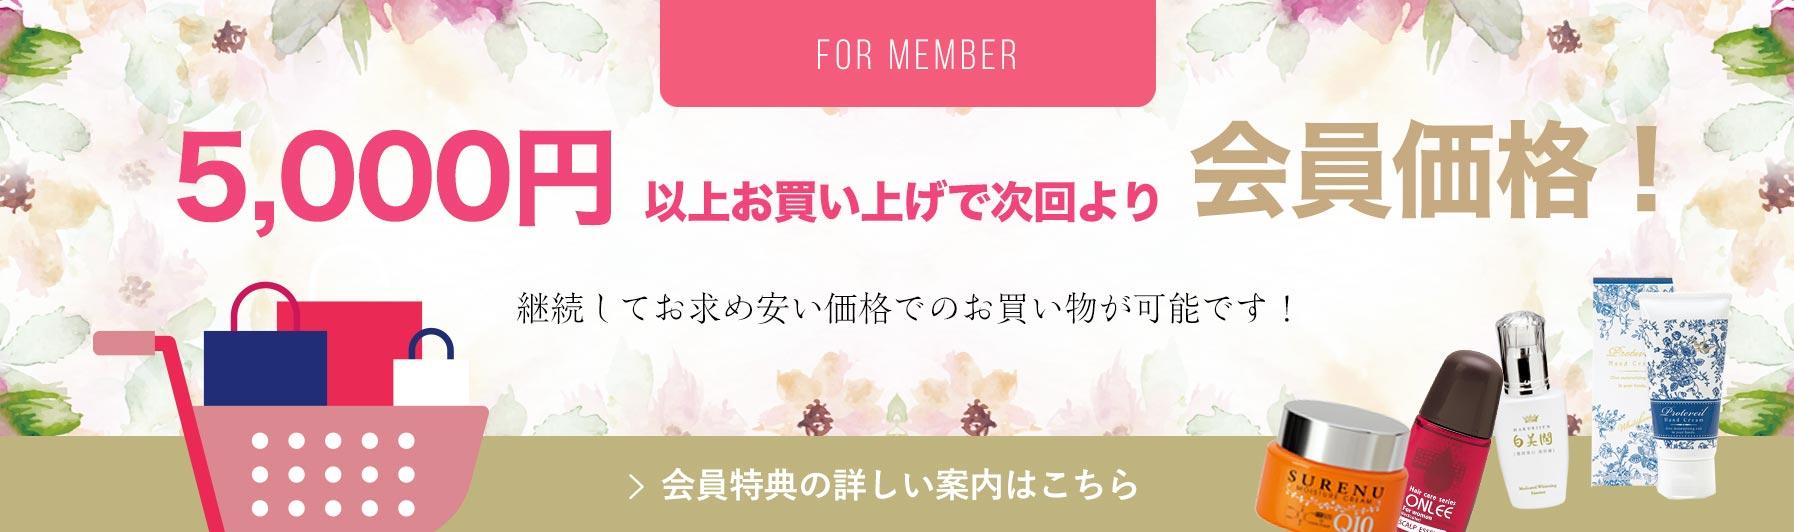 member_bnr